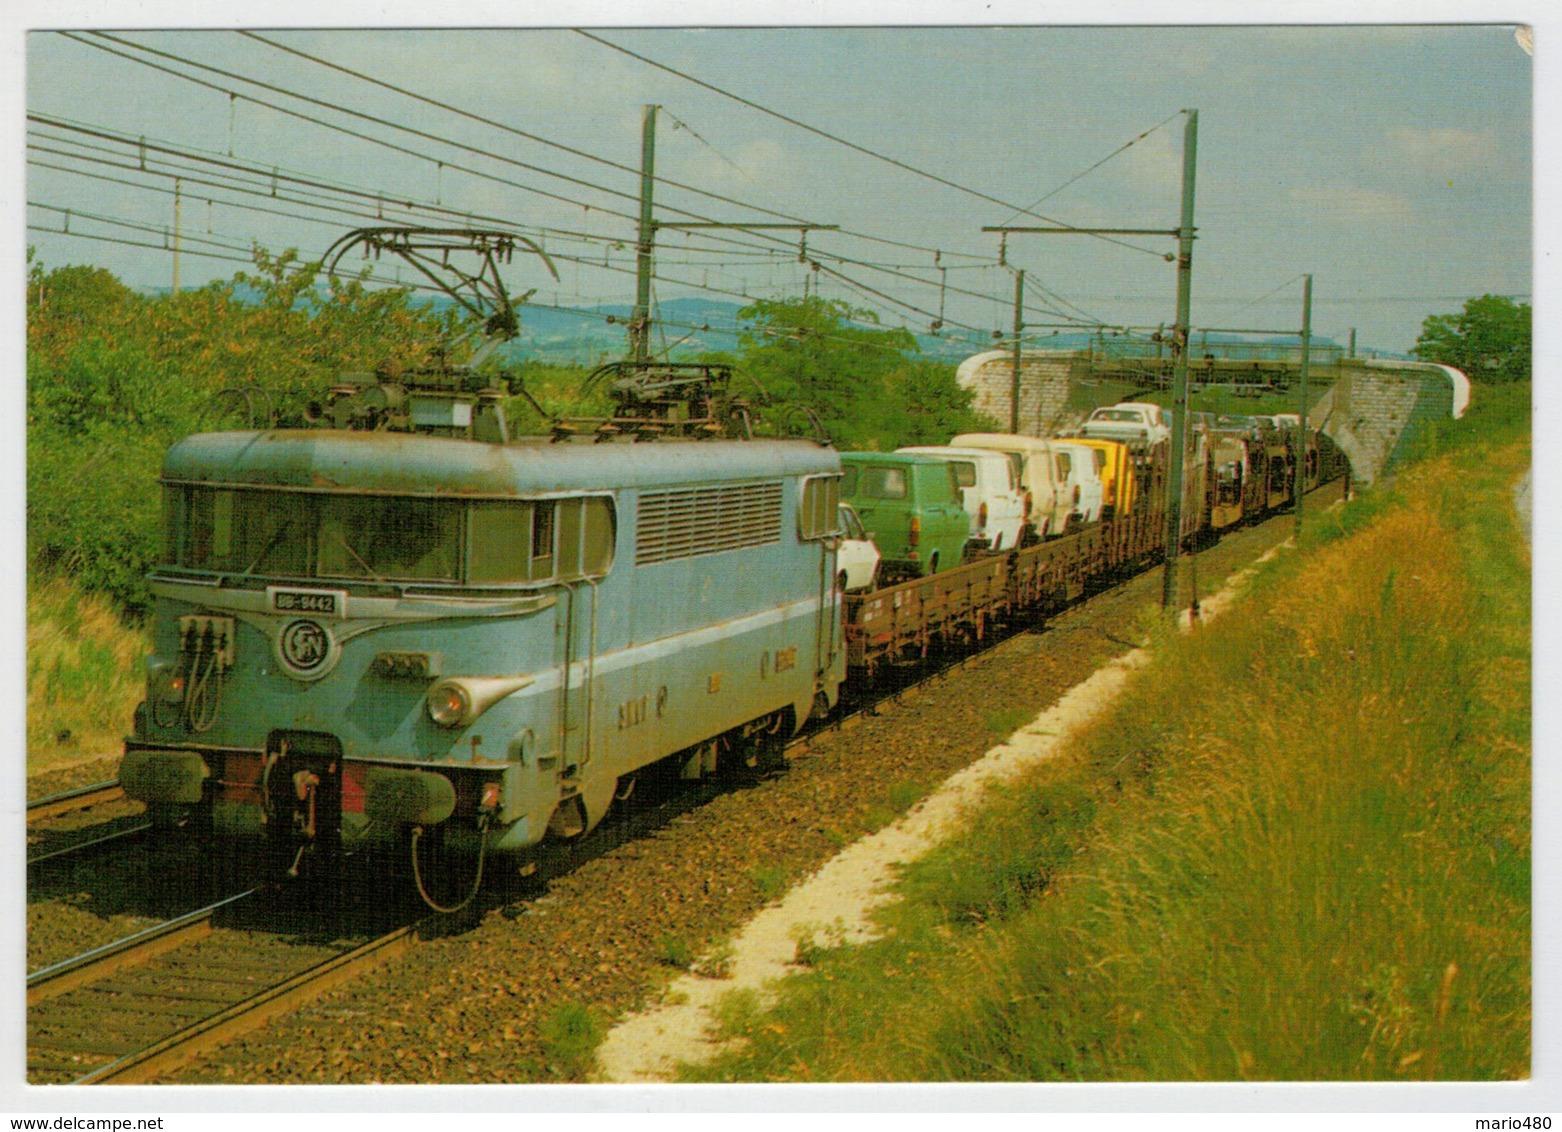 FRANCIA   VALENCE       TRAIN- ZUG- TREIN- TRENI-GARE- BAHNHOF- STATION- STAZIONI  2 SCAN  (VIAGGIATA) - Treni